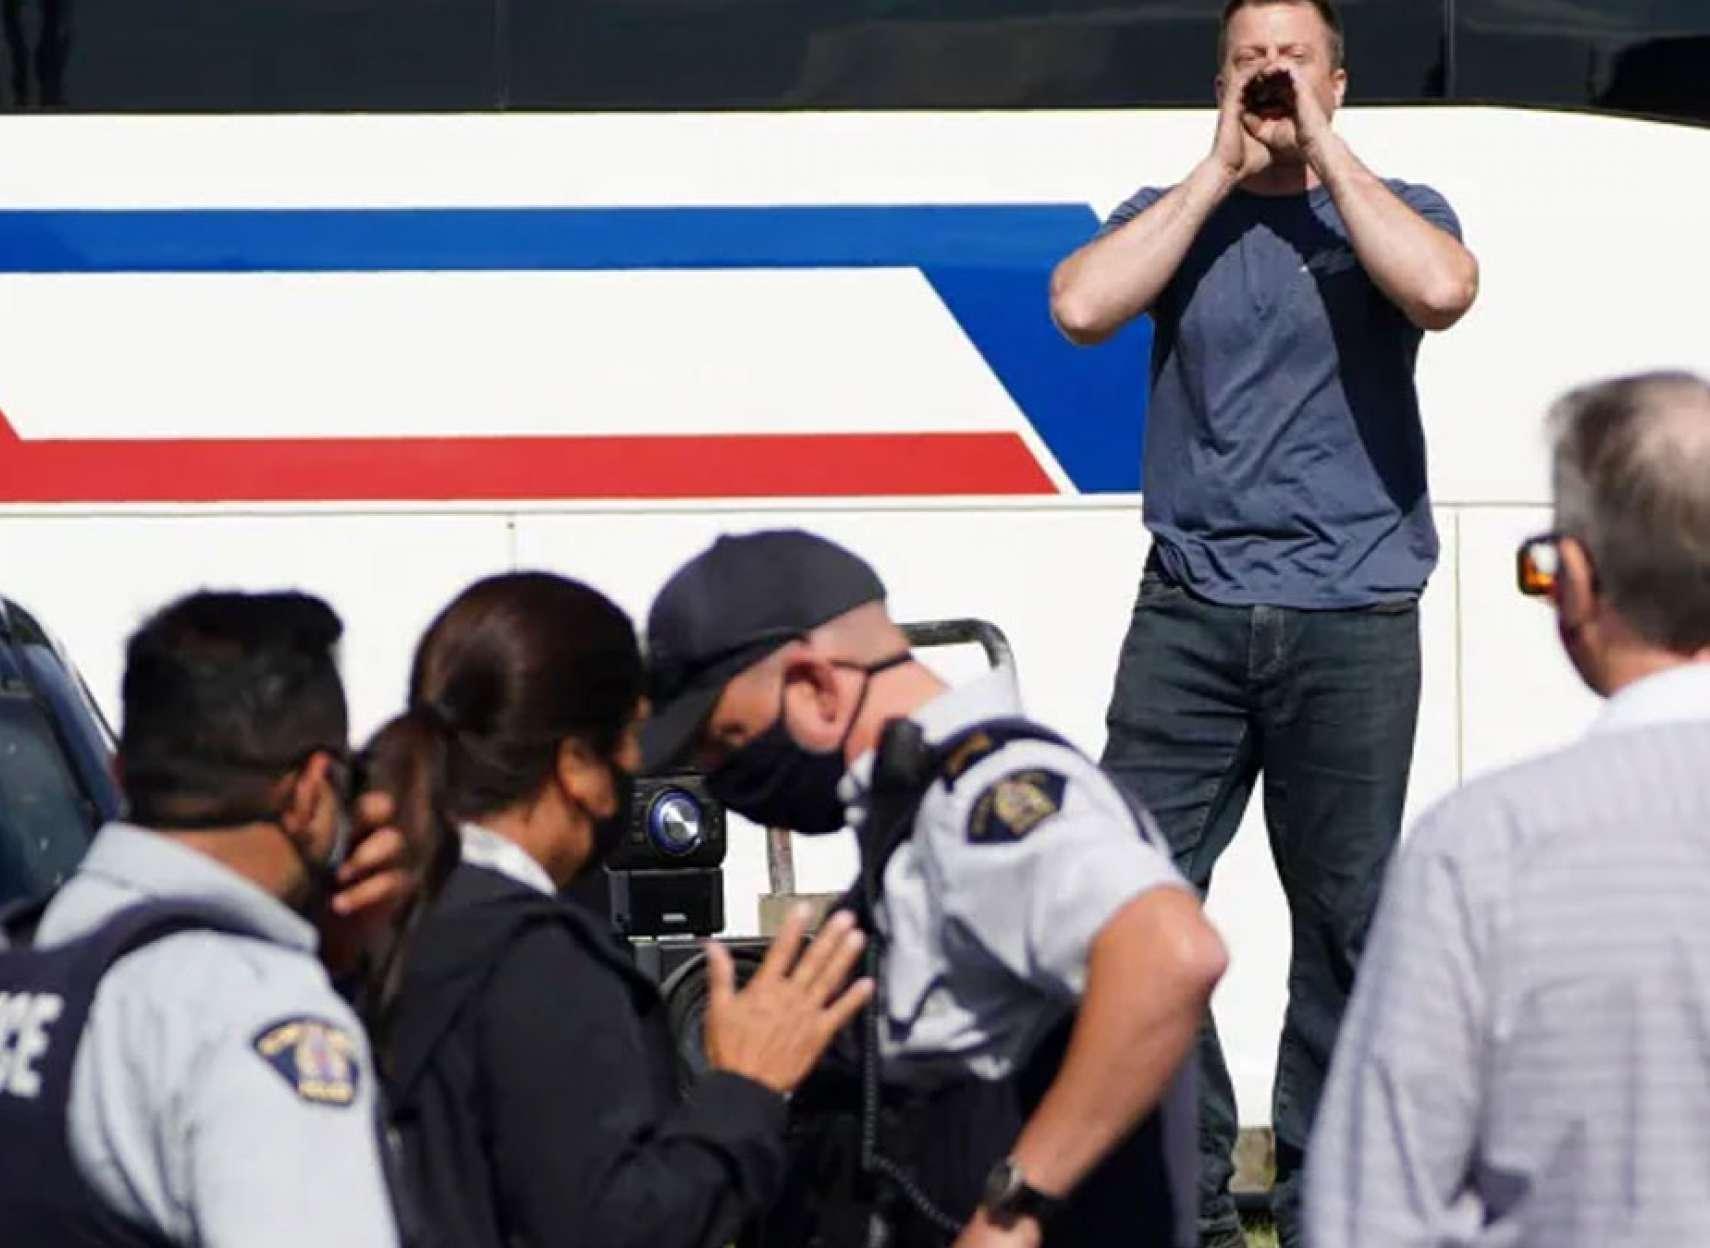 خبر-کانادا-ناسزا-جنسی-یک-تظاهرات-کننده-به-همسر-ترودو-و-پاسخ-ترودو-به-او